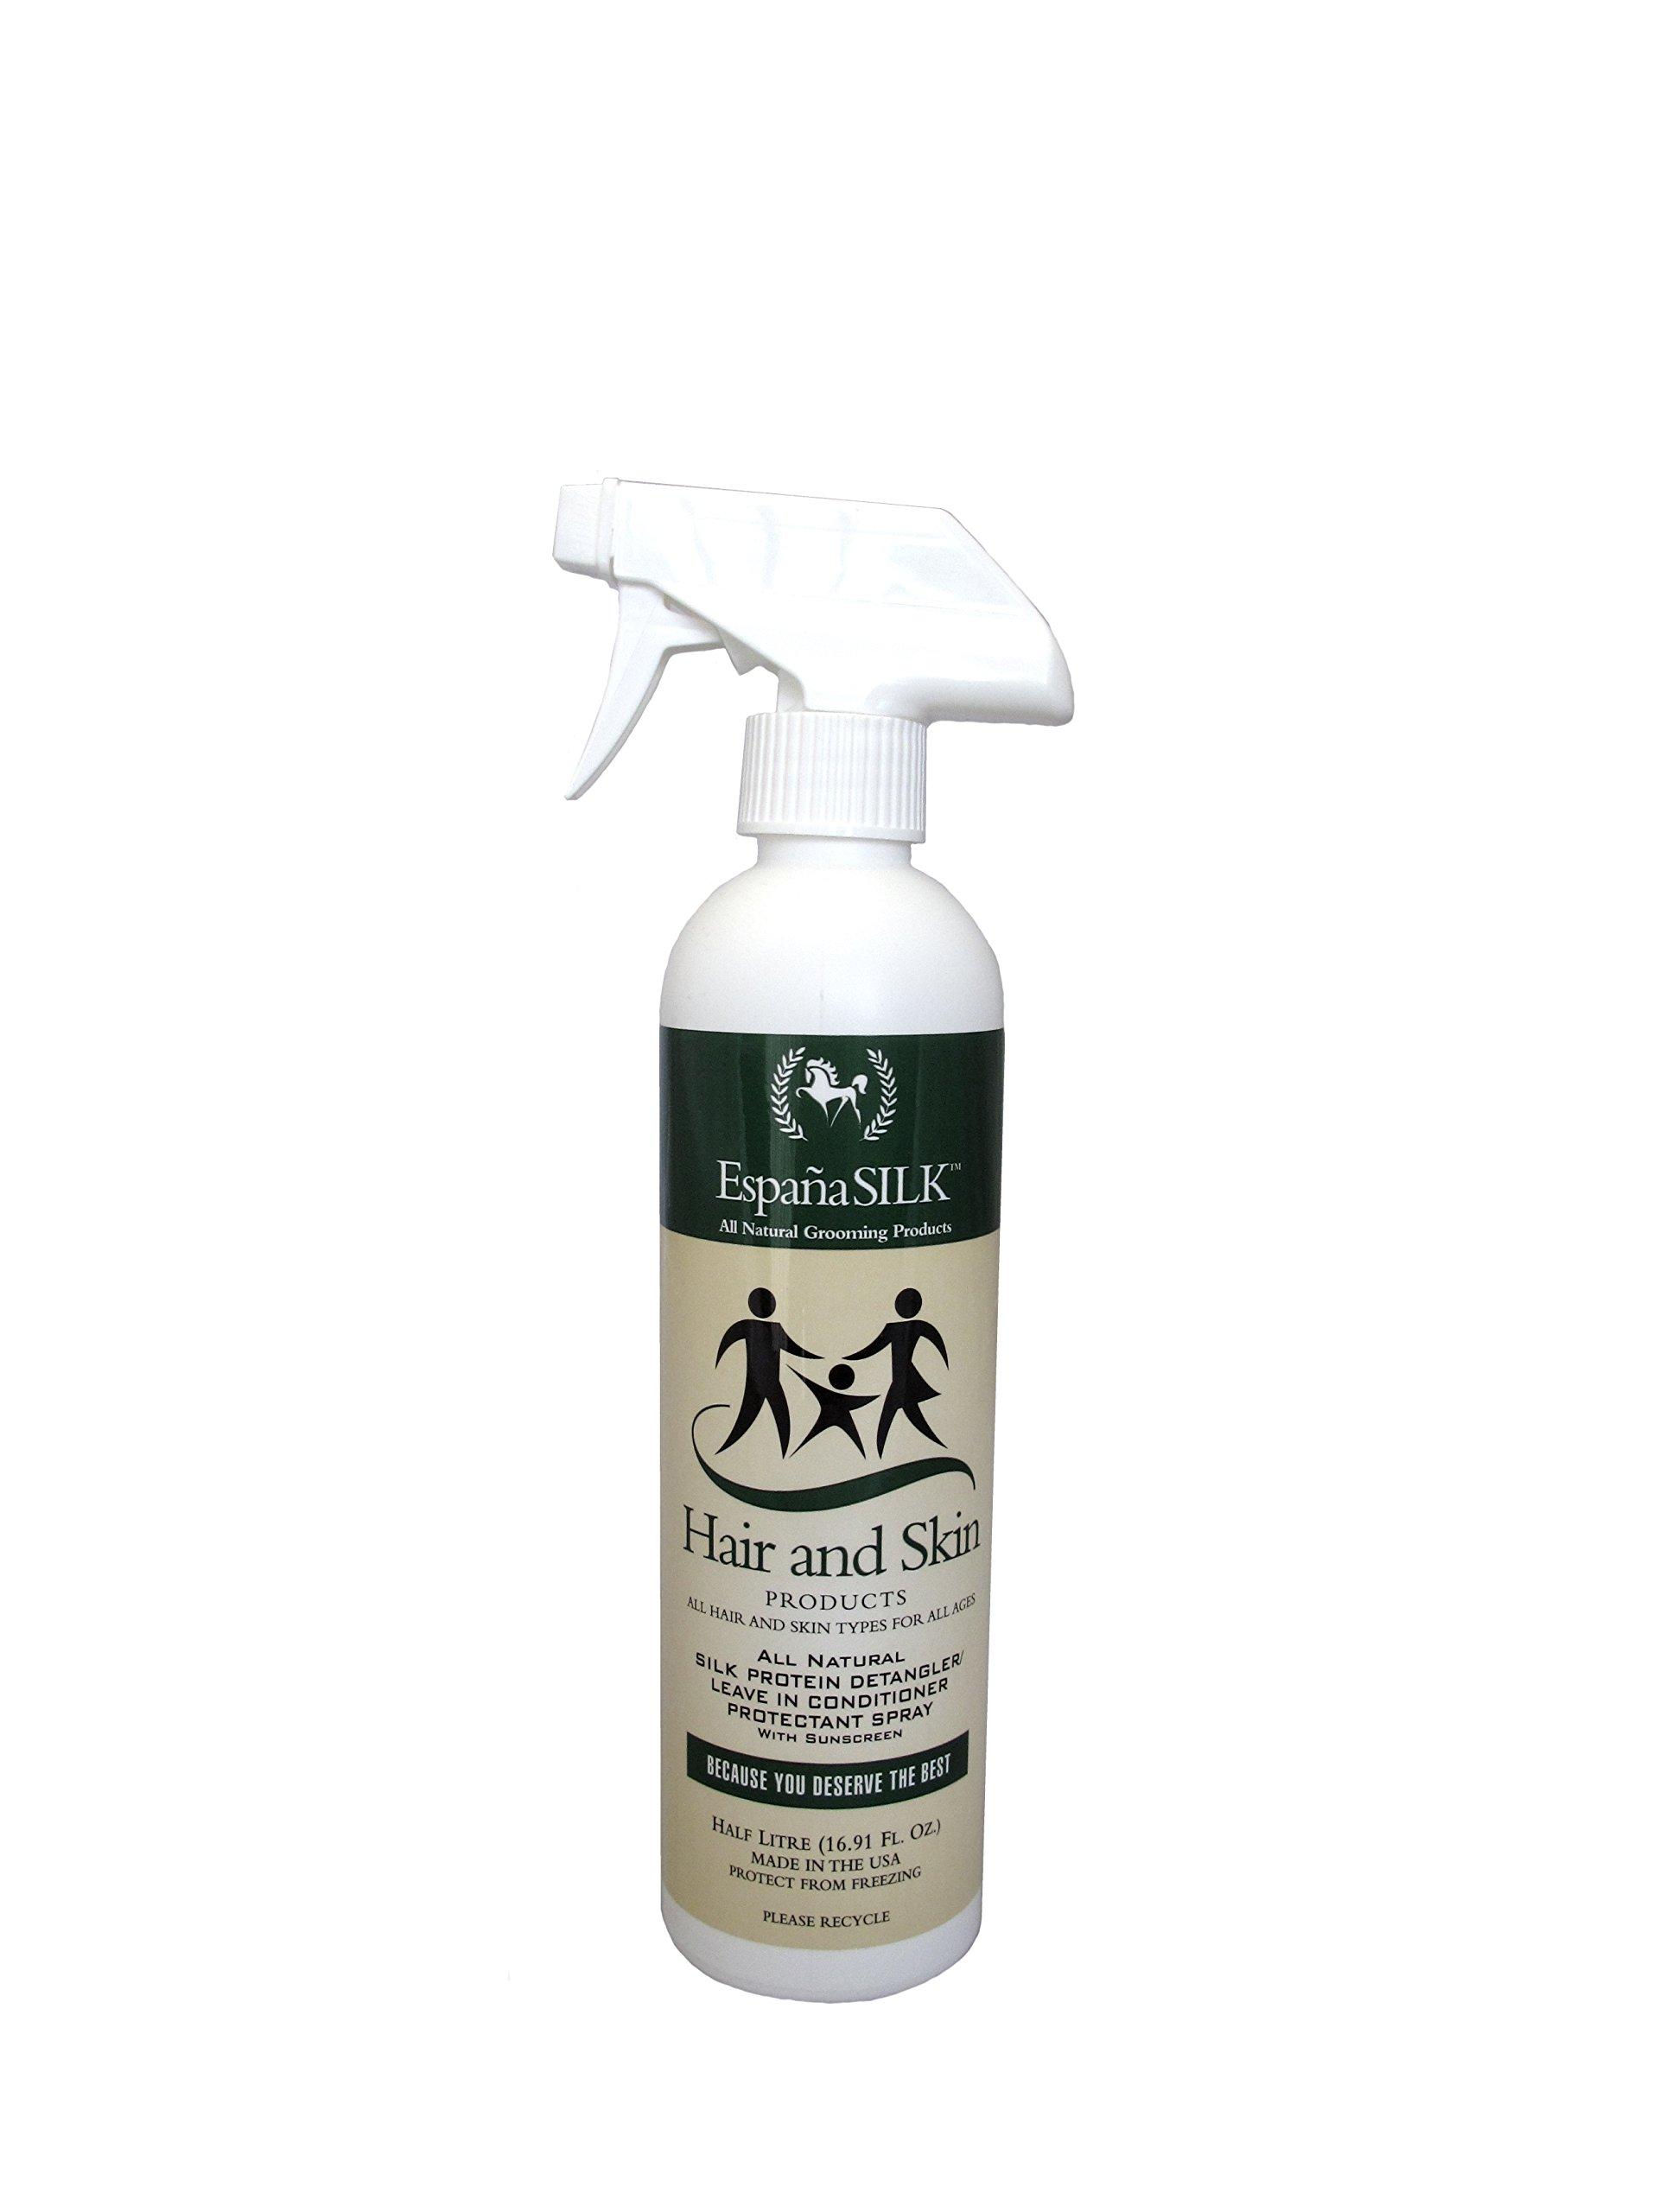 Espana Silk ESP1115P 16.91 oz Protein Detangler Protectant Spray with Sunscreen, 0.5 L by EspanaSILK